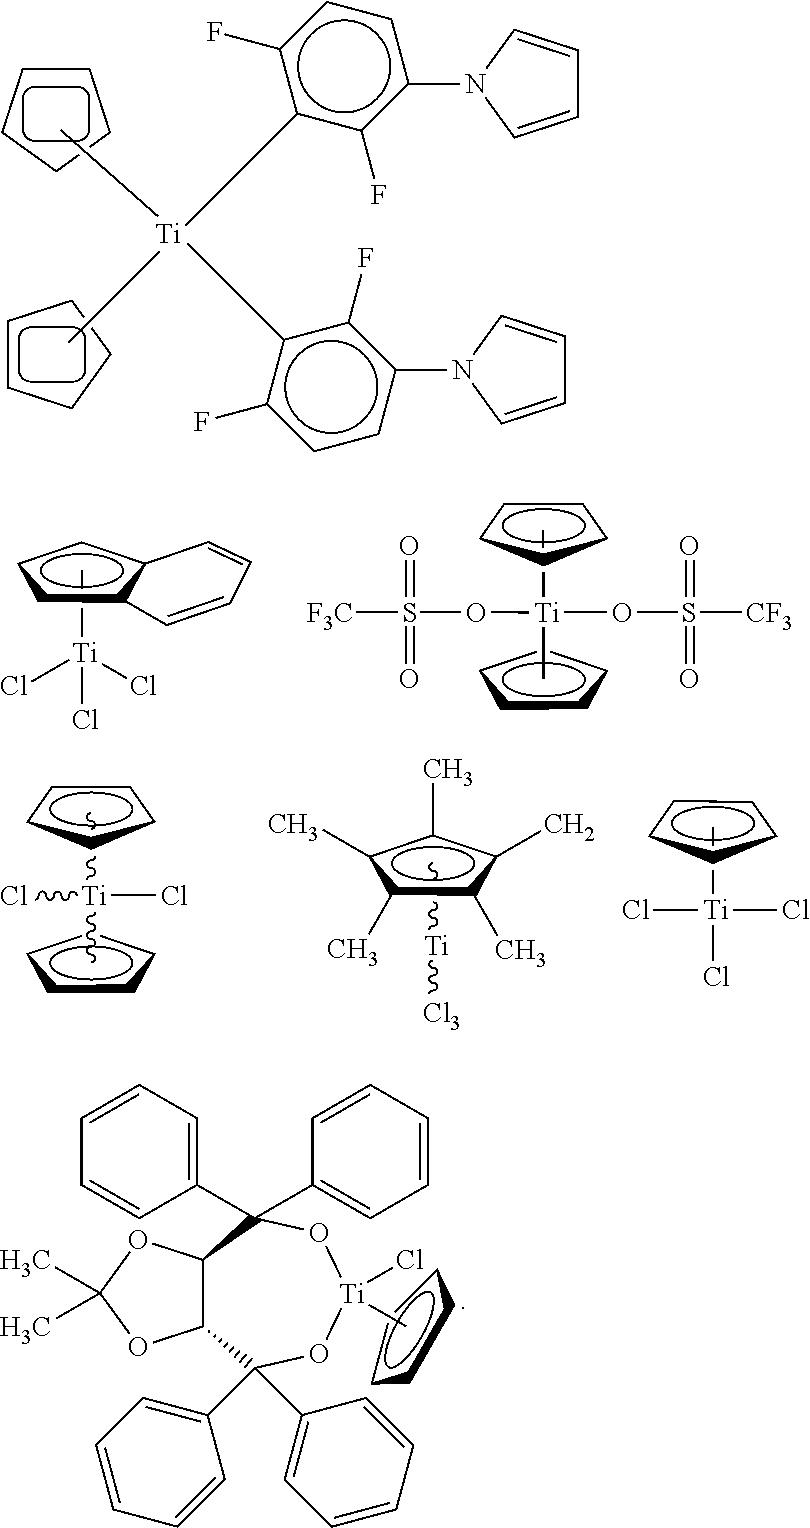 Figure US08088542-20120103-C00025